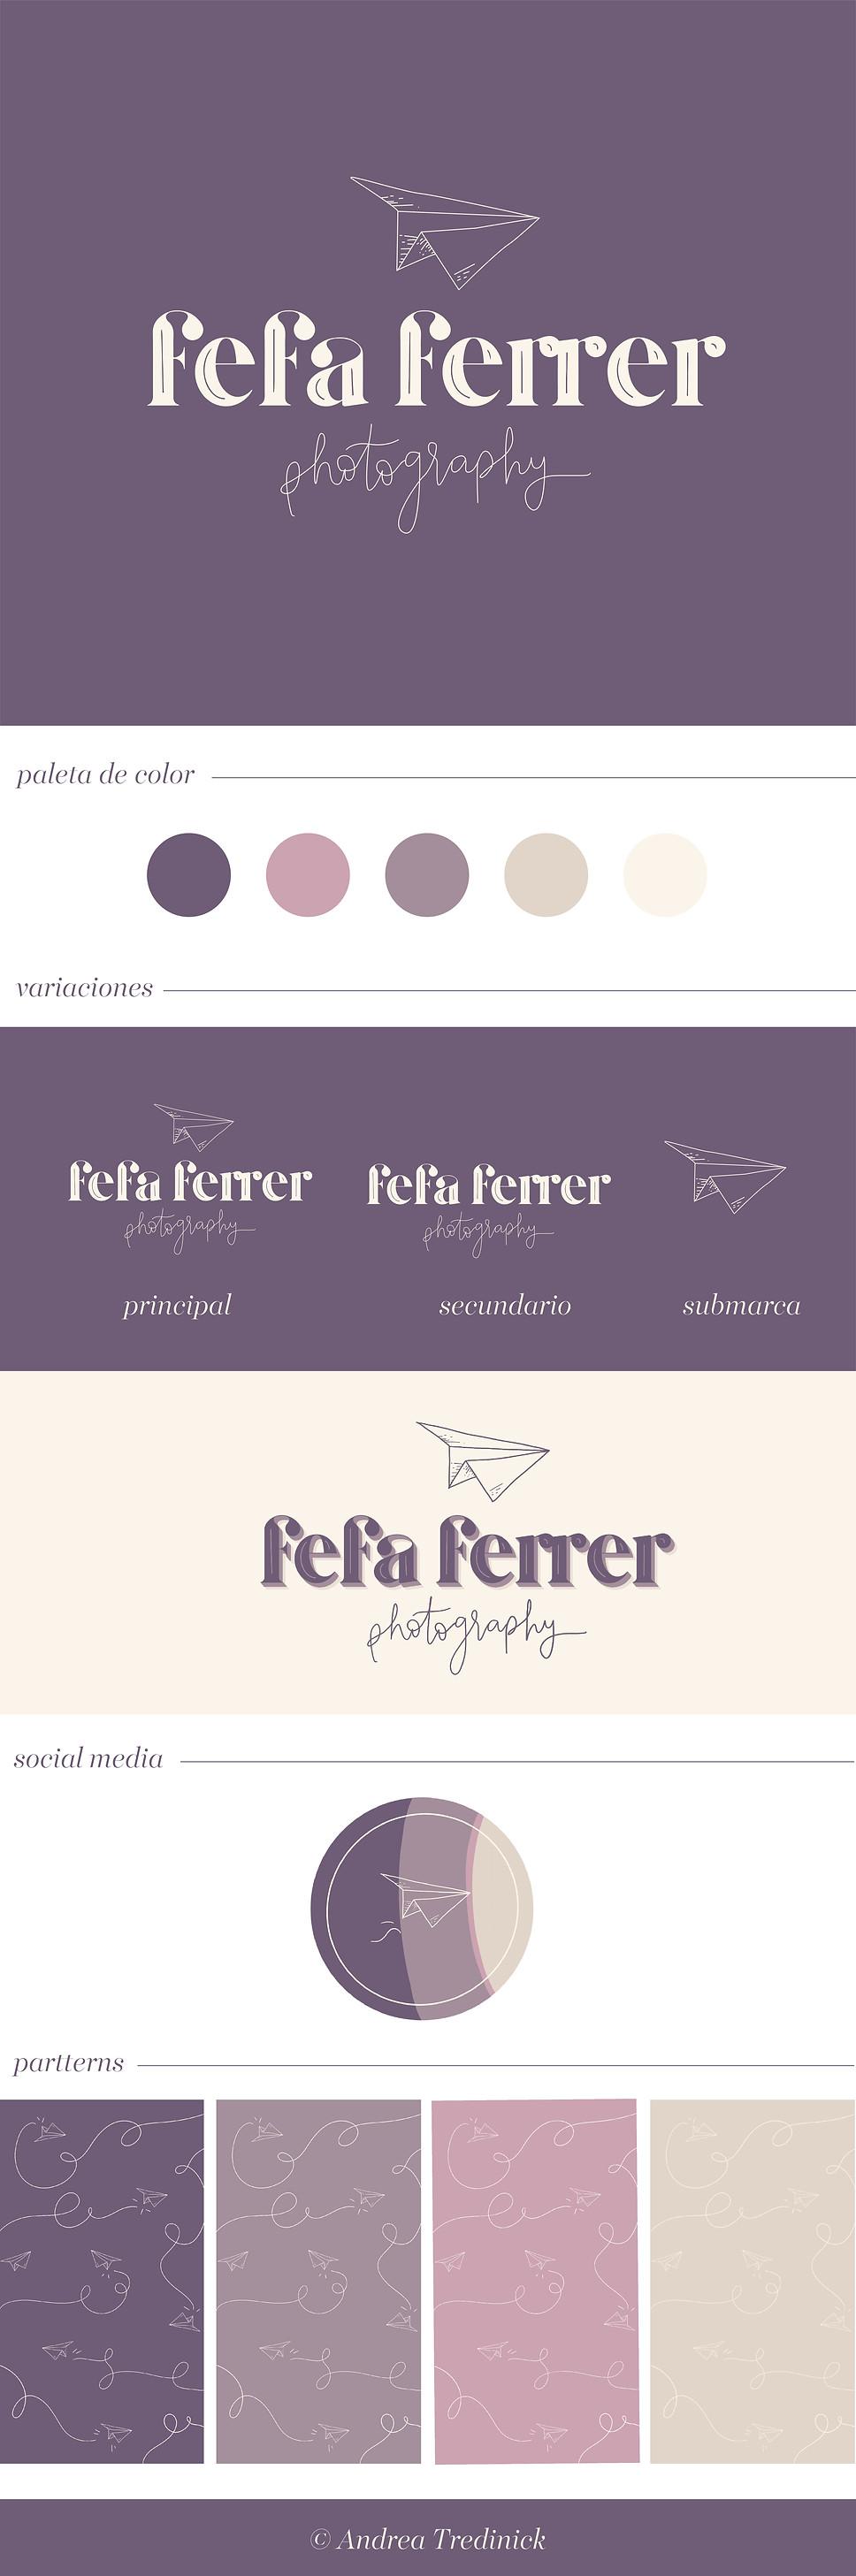 Fefa Ferrer - Brand Book-01.jpg